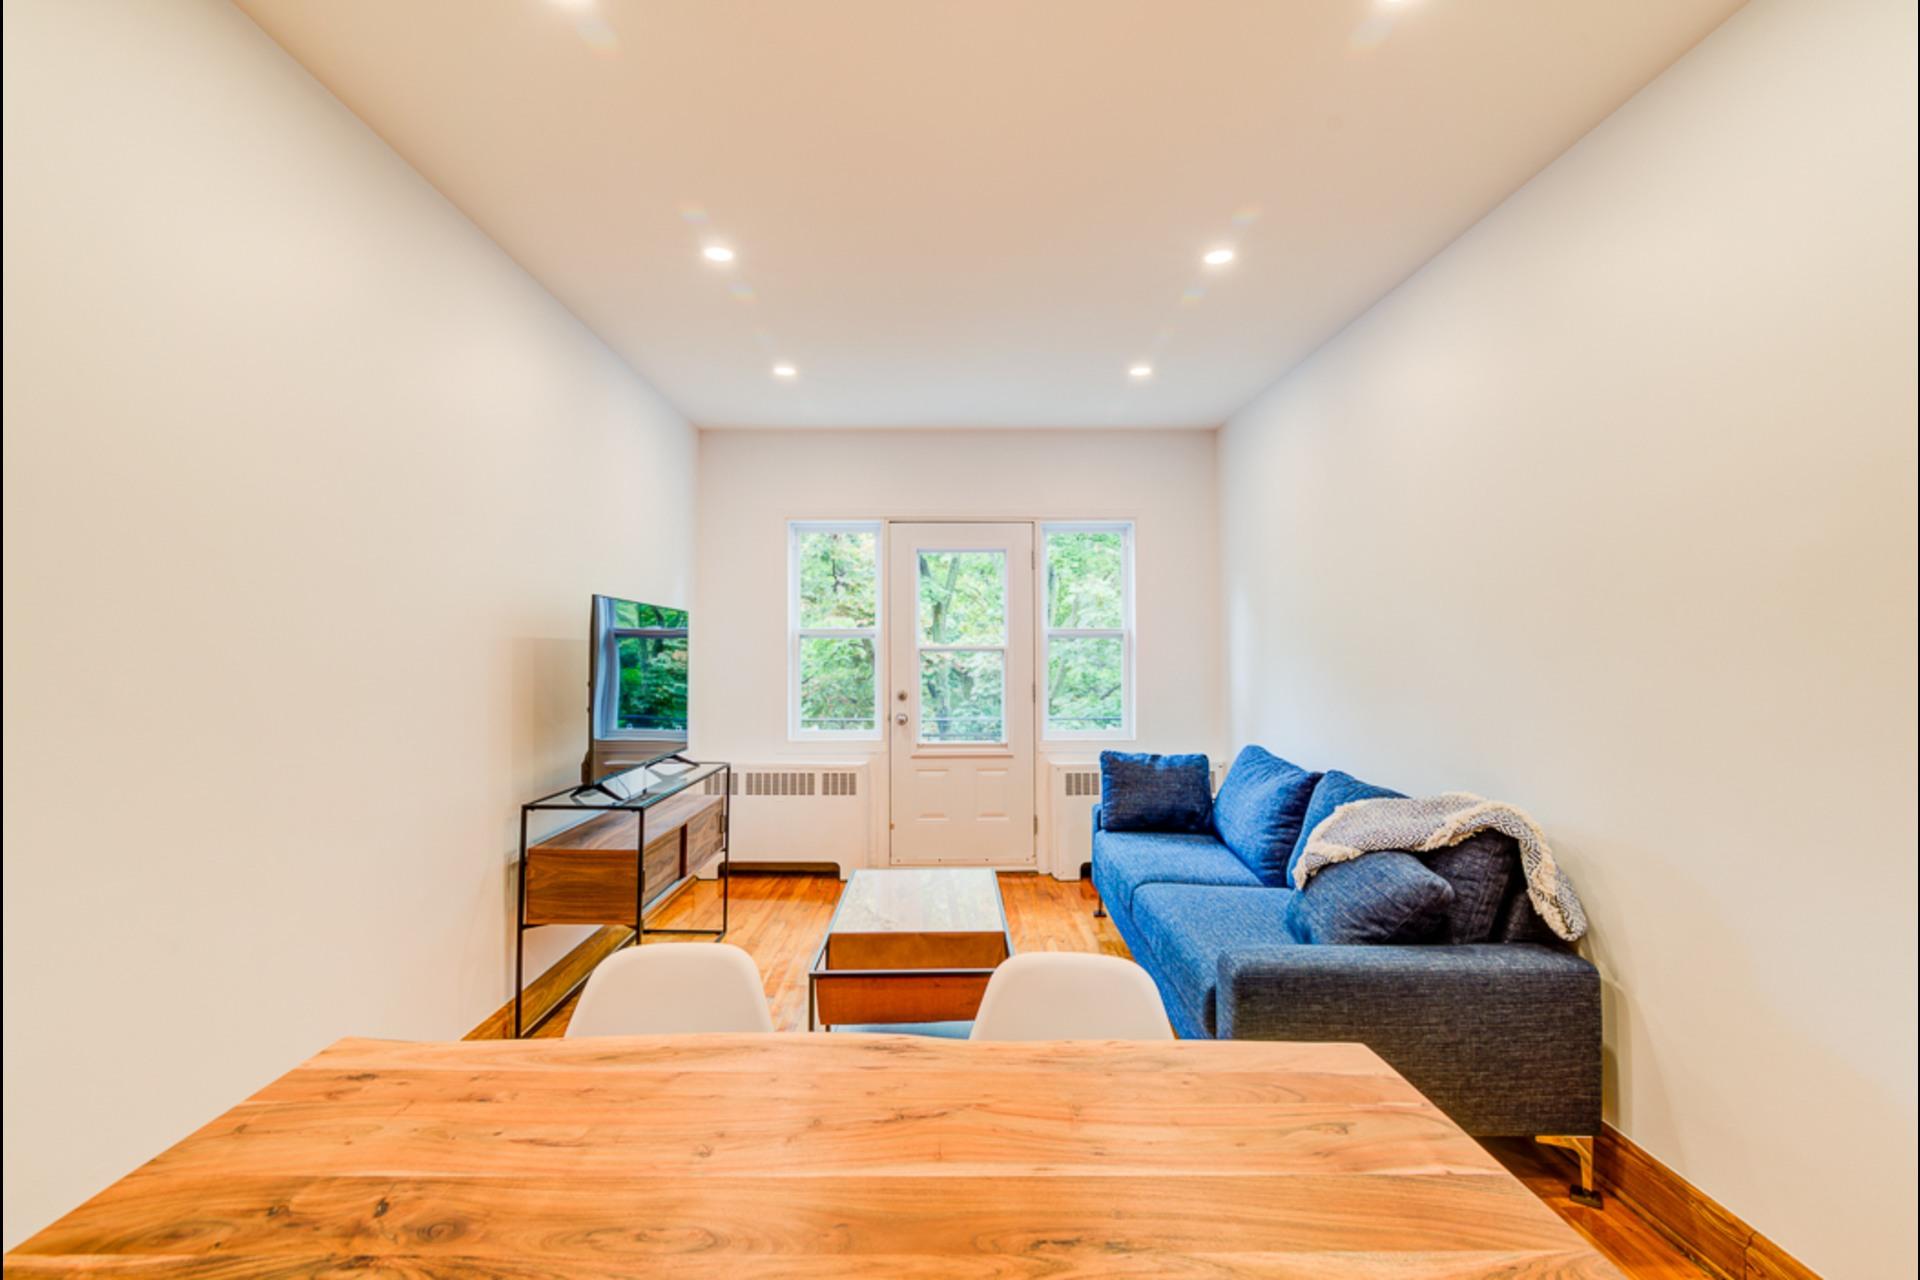 image 3 - House For rent Montréal